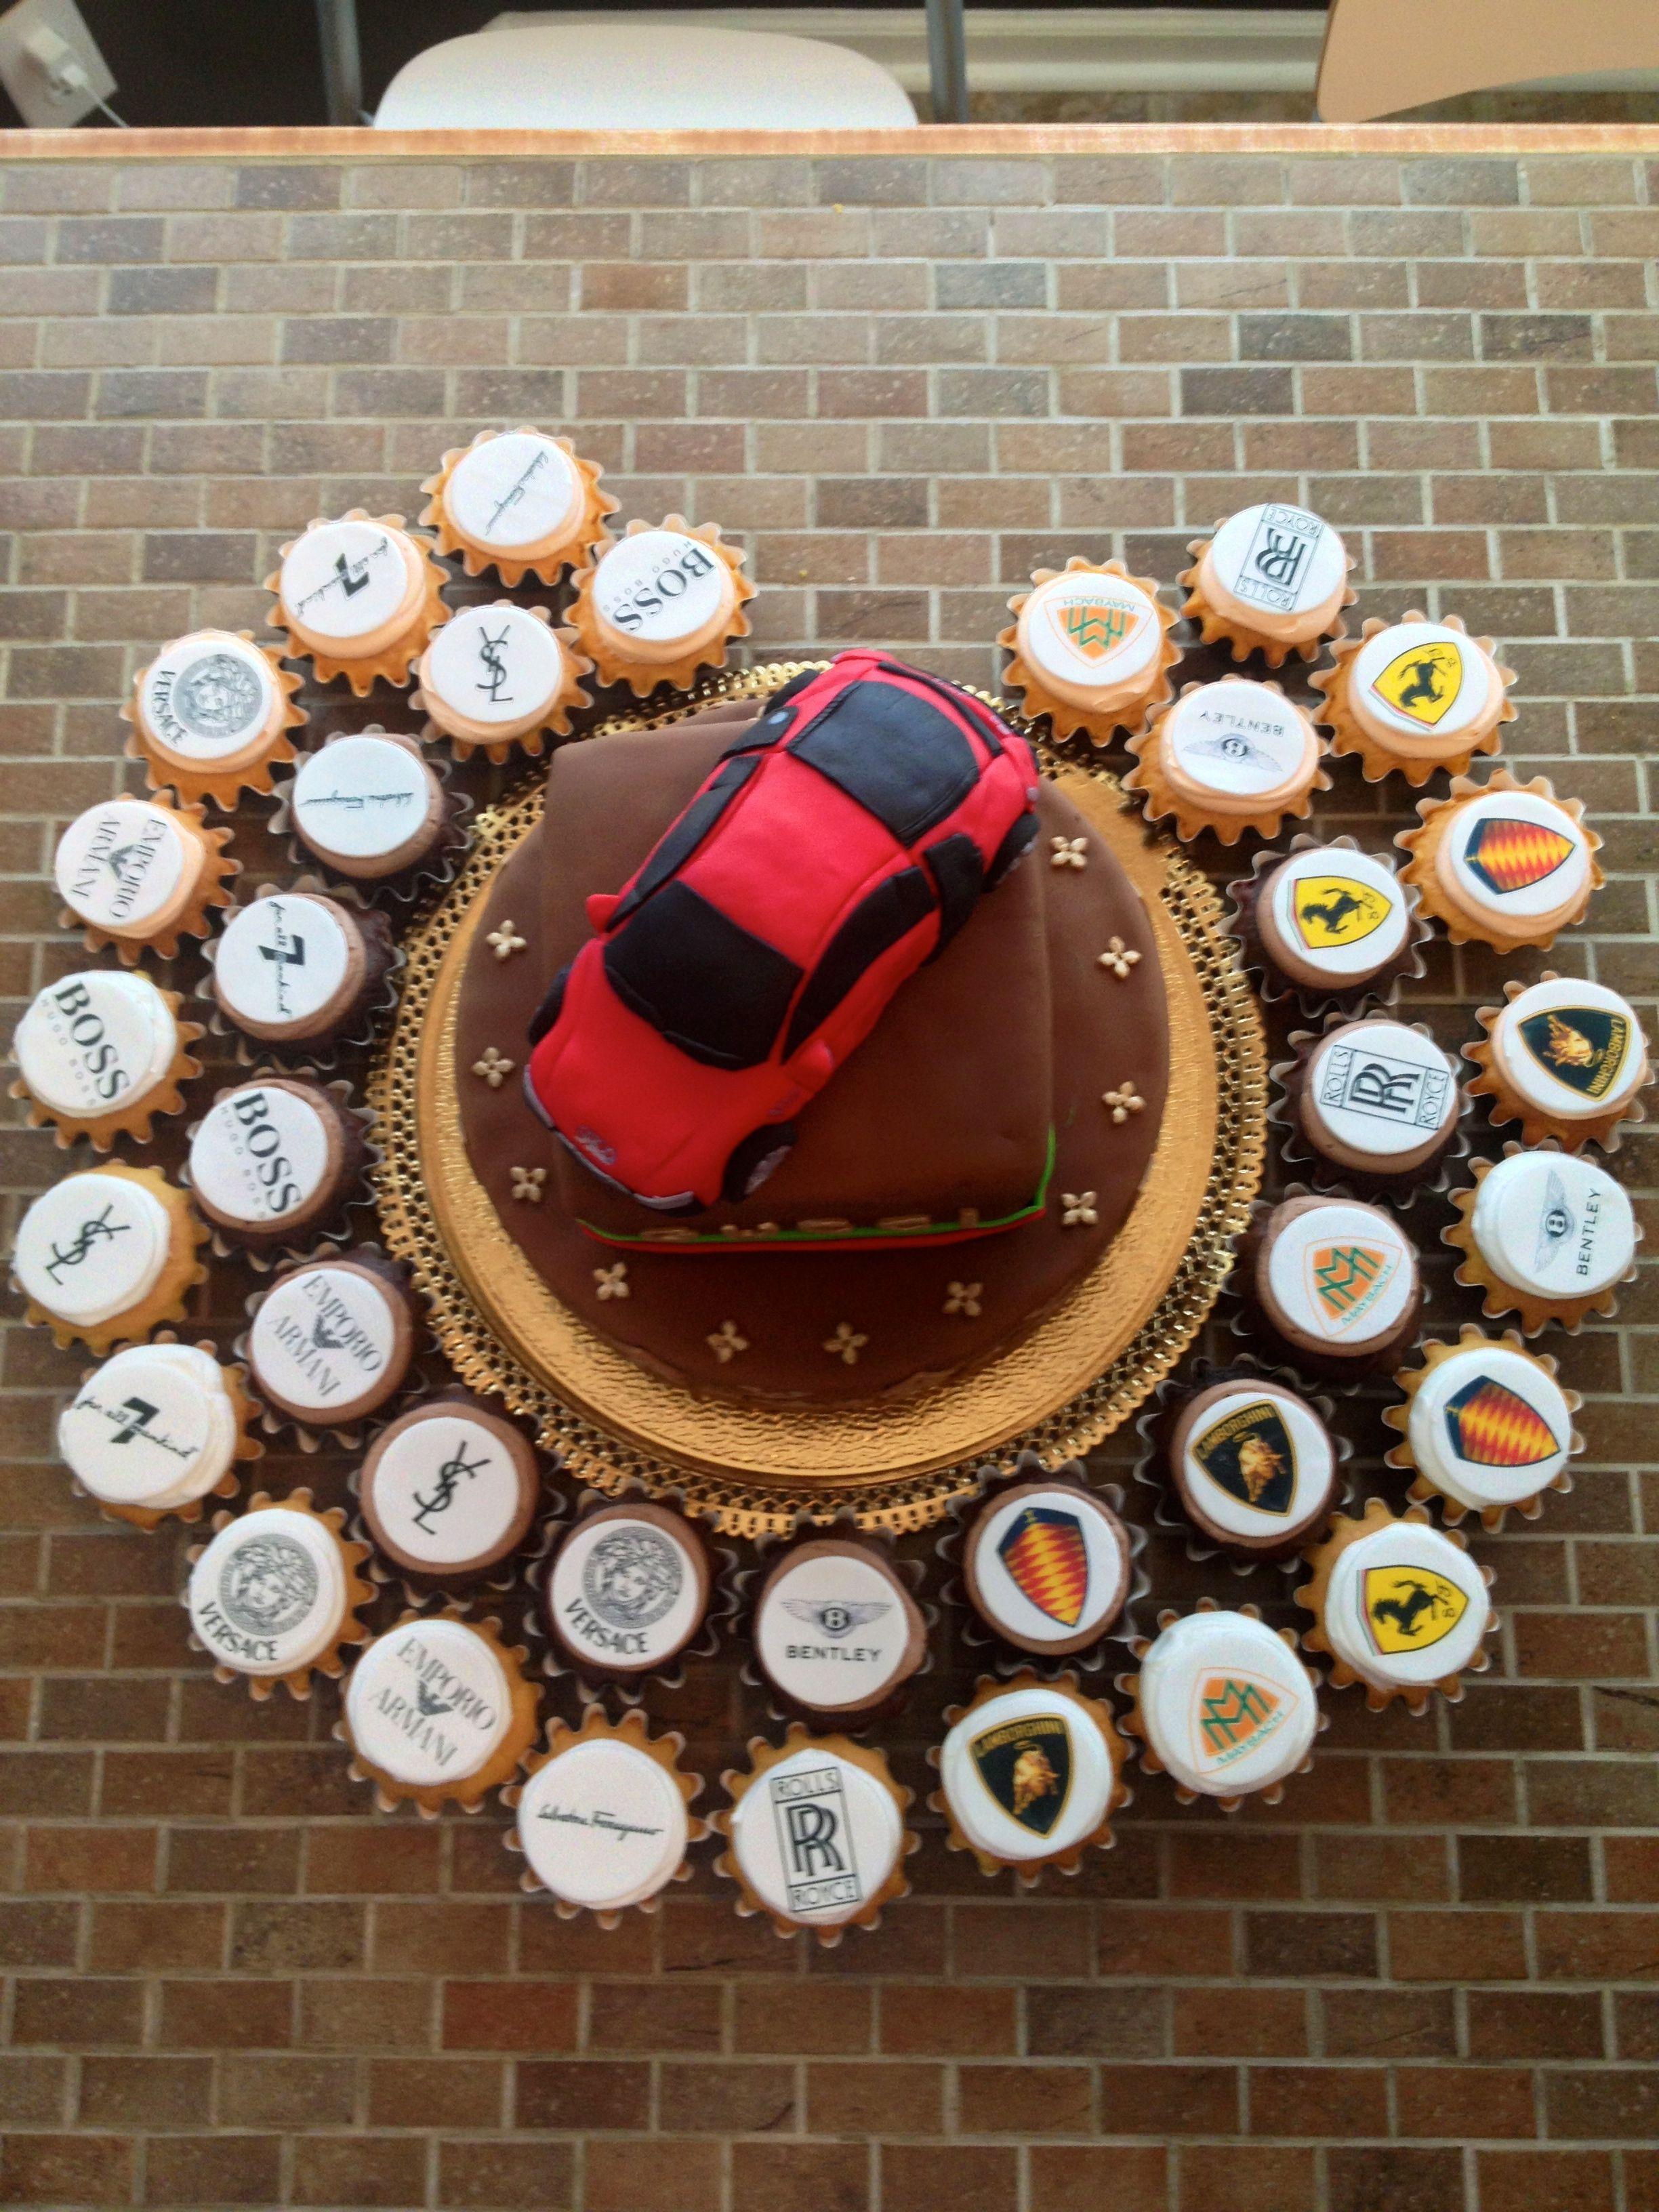 Designer Luxury Cars Cupcakes And Cake Cupcakes Cupcakes Cake